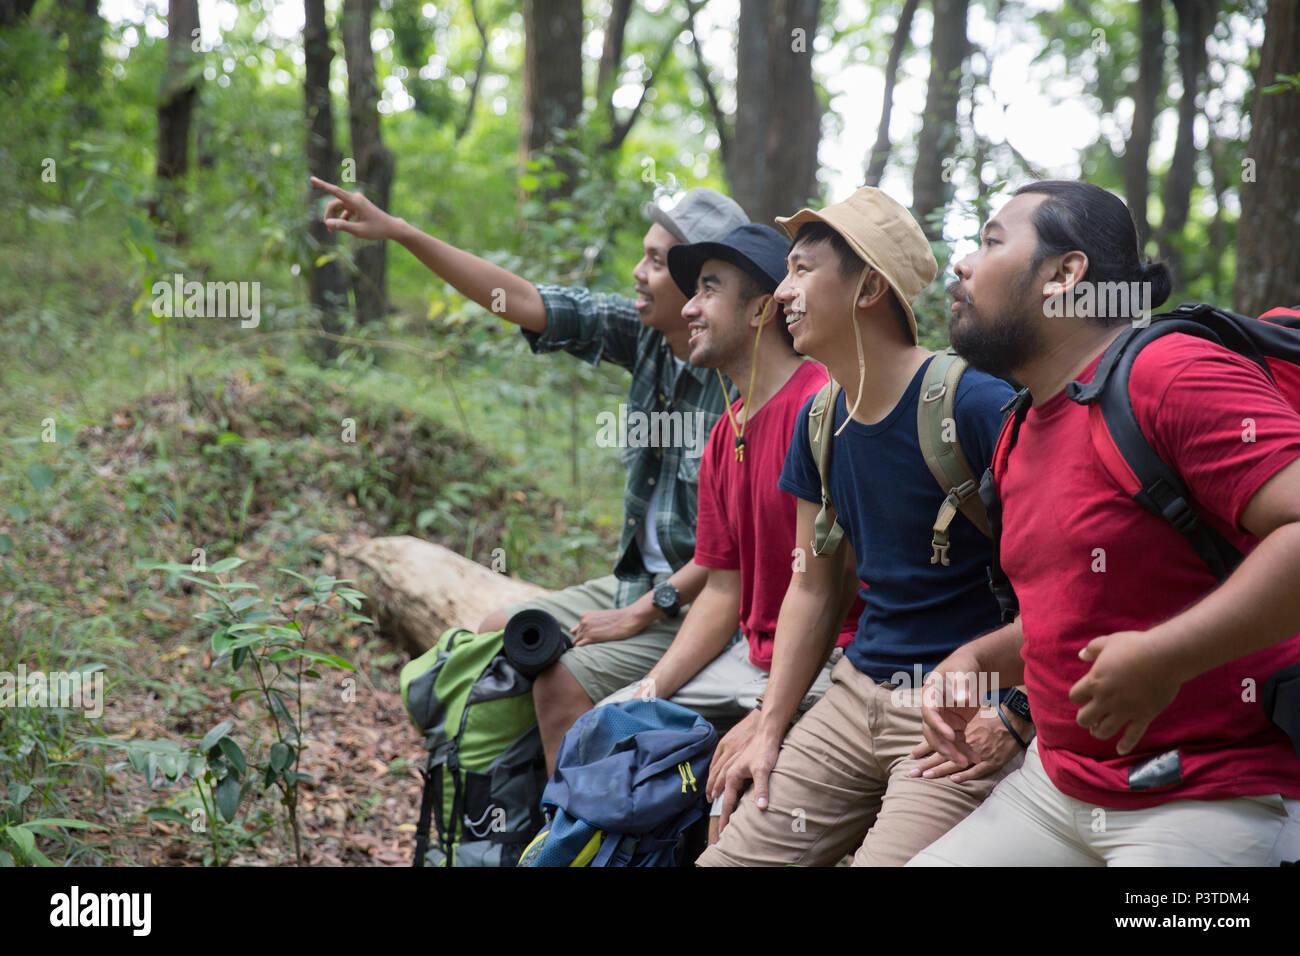 Excursionista asiáticos sentado y apuntando Imagen De Stock